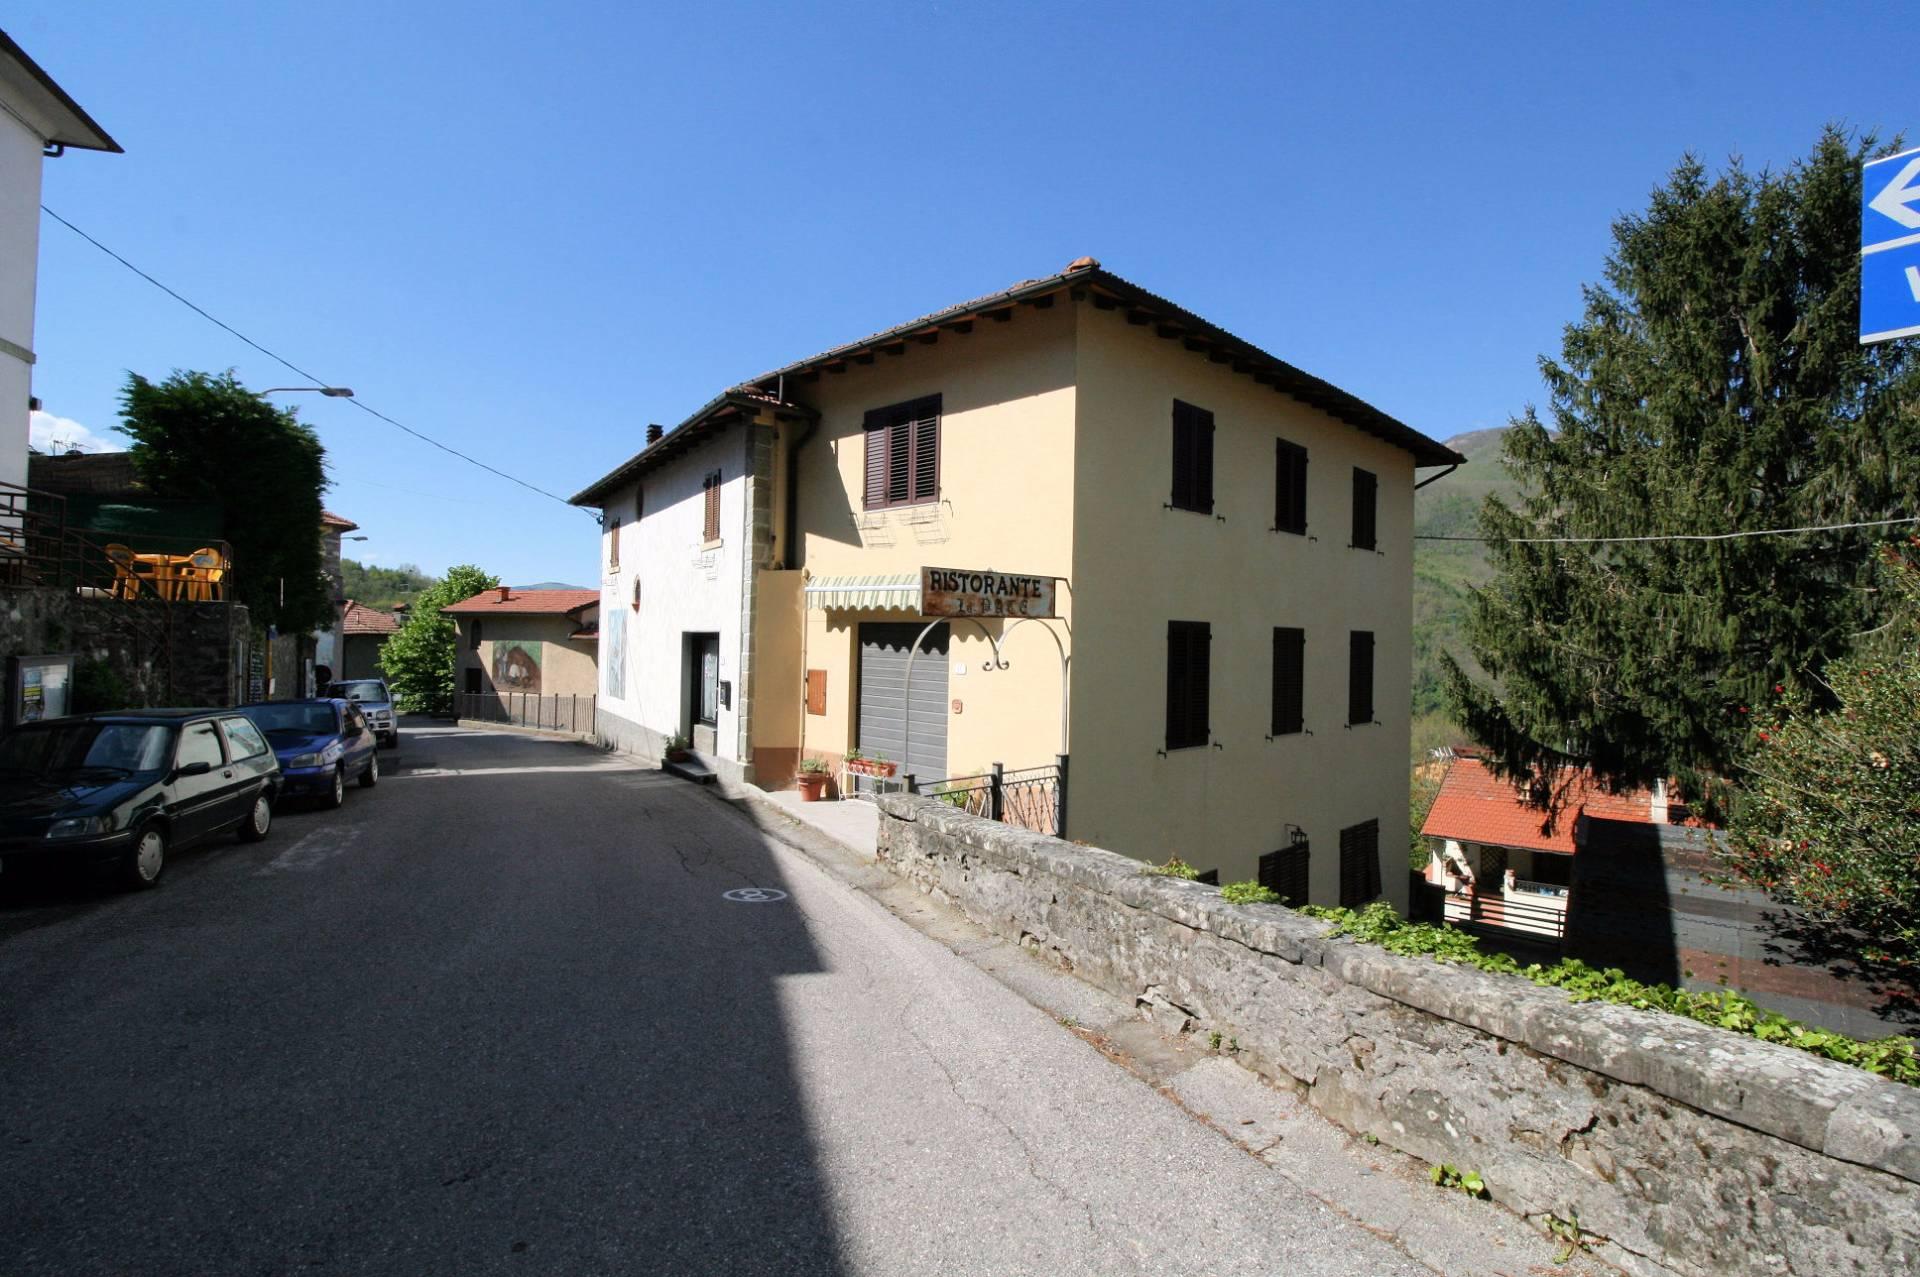 Albergo in Vendita a San Marcello Pistoiese